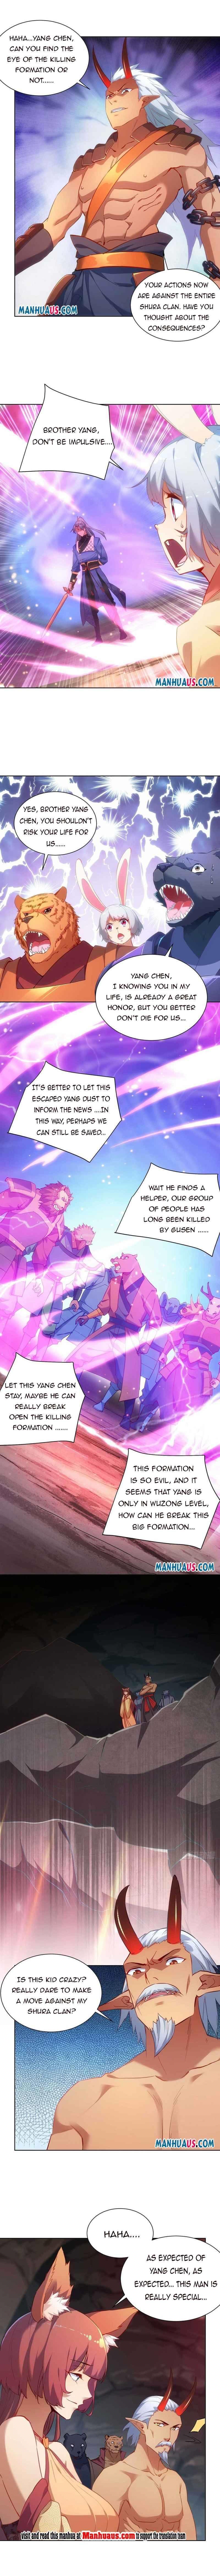 Reborn 80,000 Years Chapter 239 page 2 - Mangakakalot